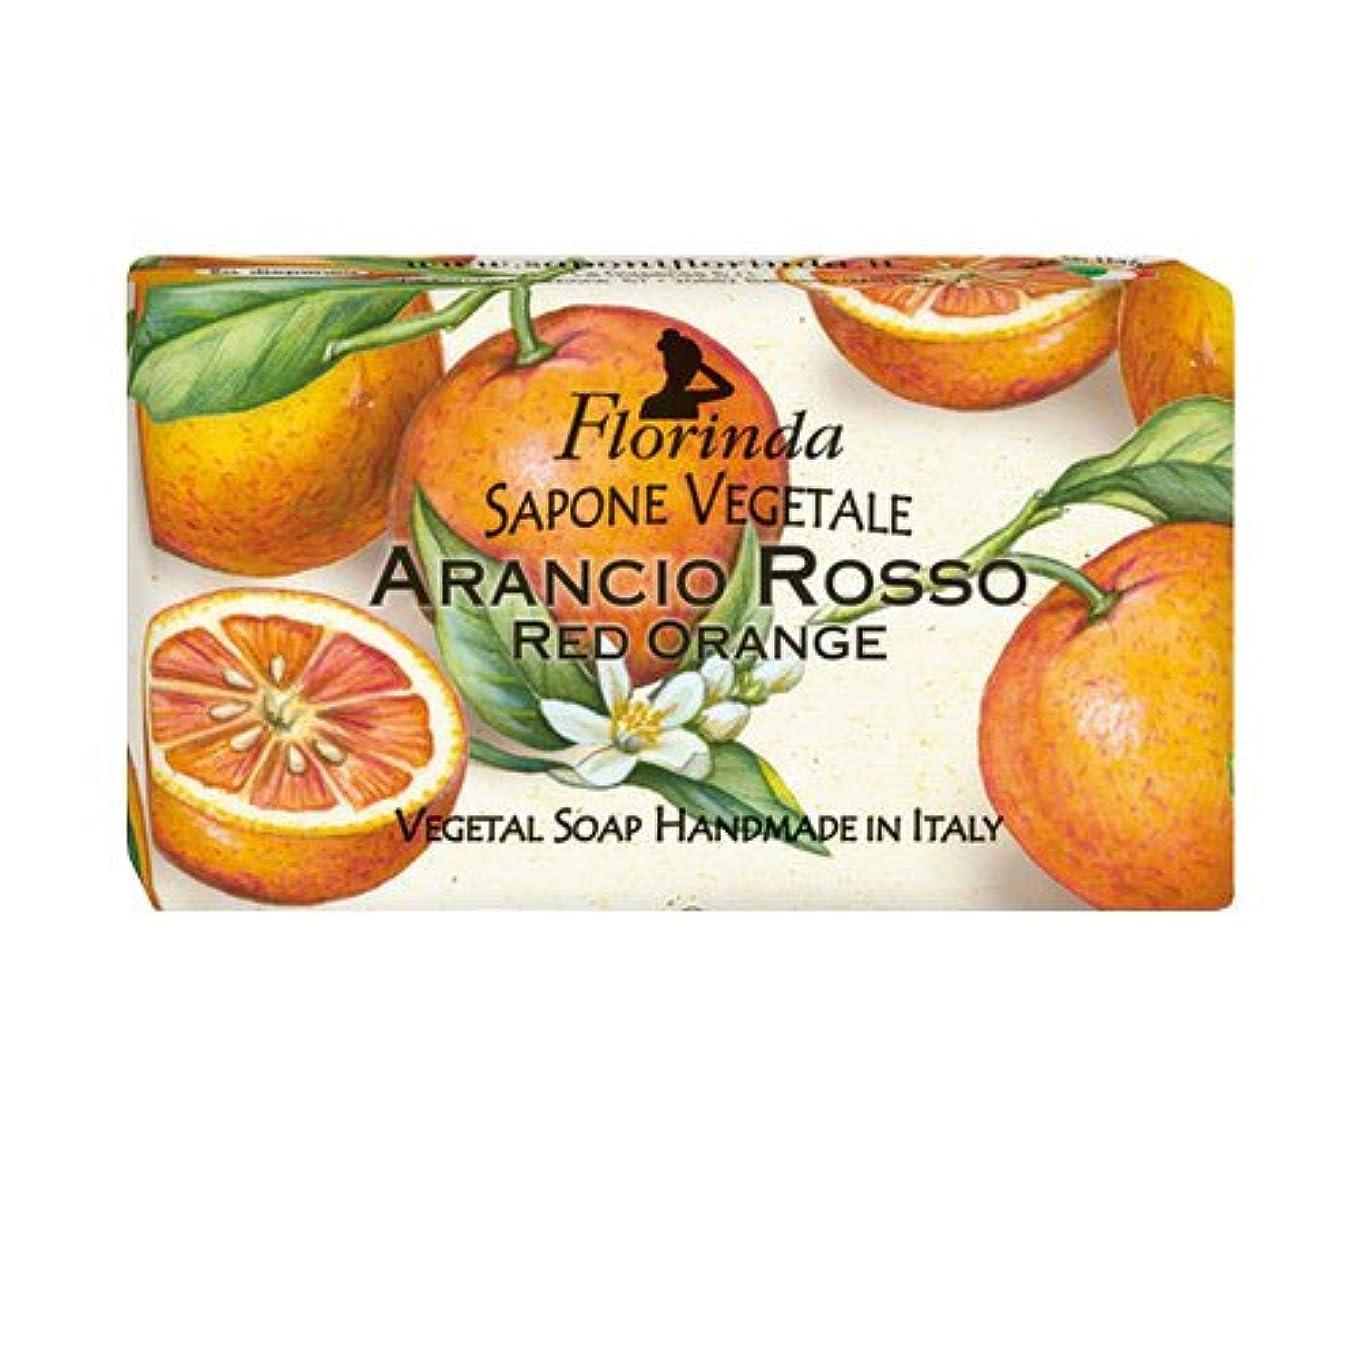 日焼けソーシャルエントリフロリンダ フレグランスソープ フルーツ レッドオレンジ 95g